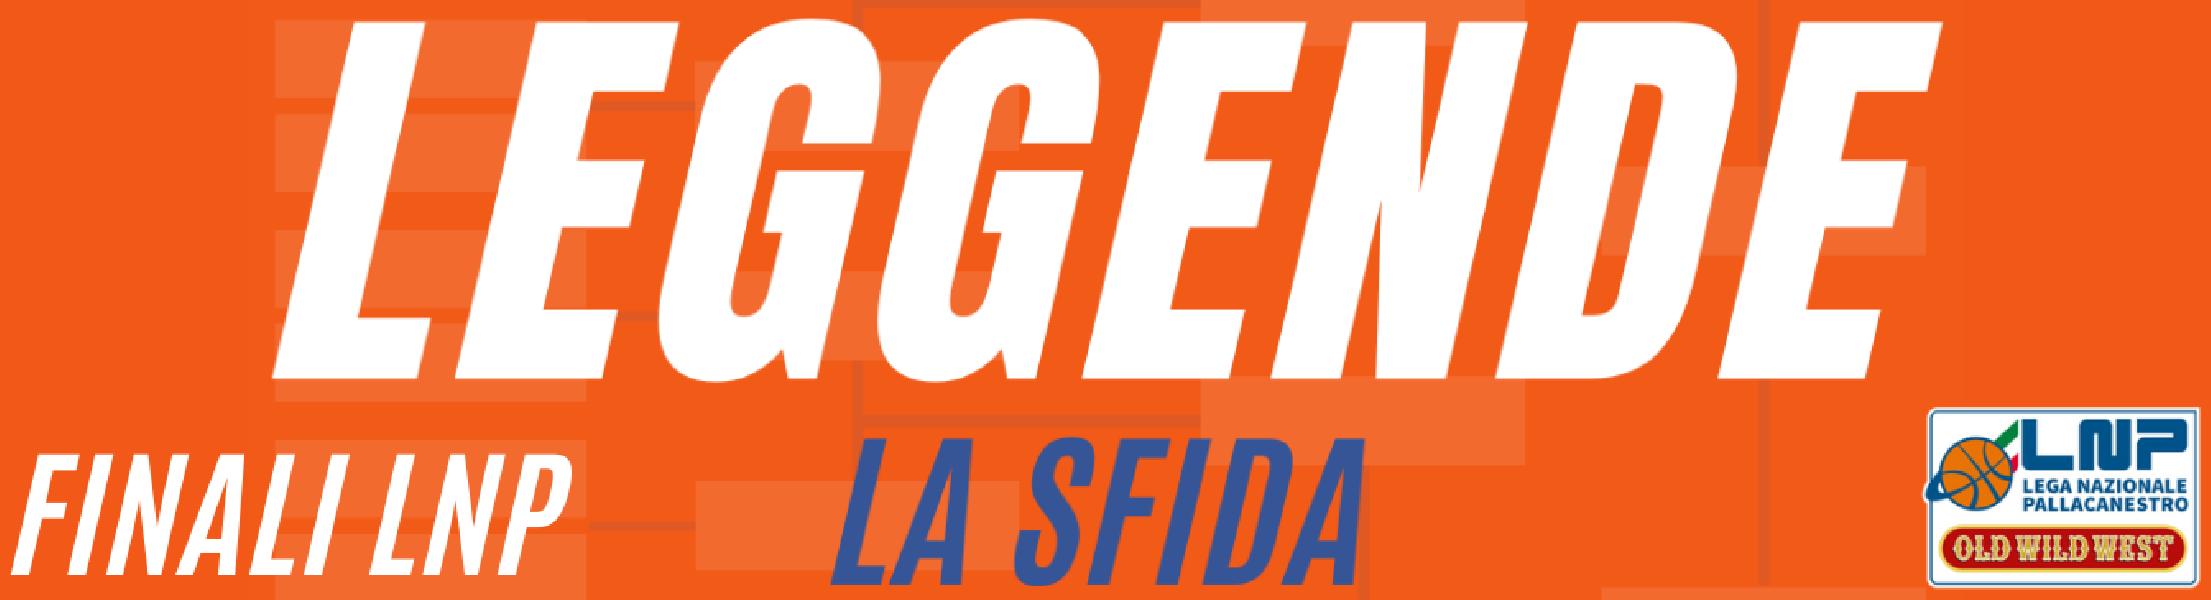 https://www.basketmarche.it/immagini_articoli/05-05-2020/boom-voti-contest-leggende-vincitori-primo-turno-600.png